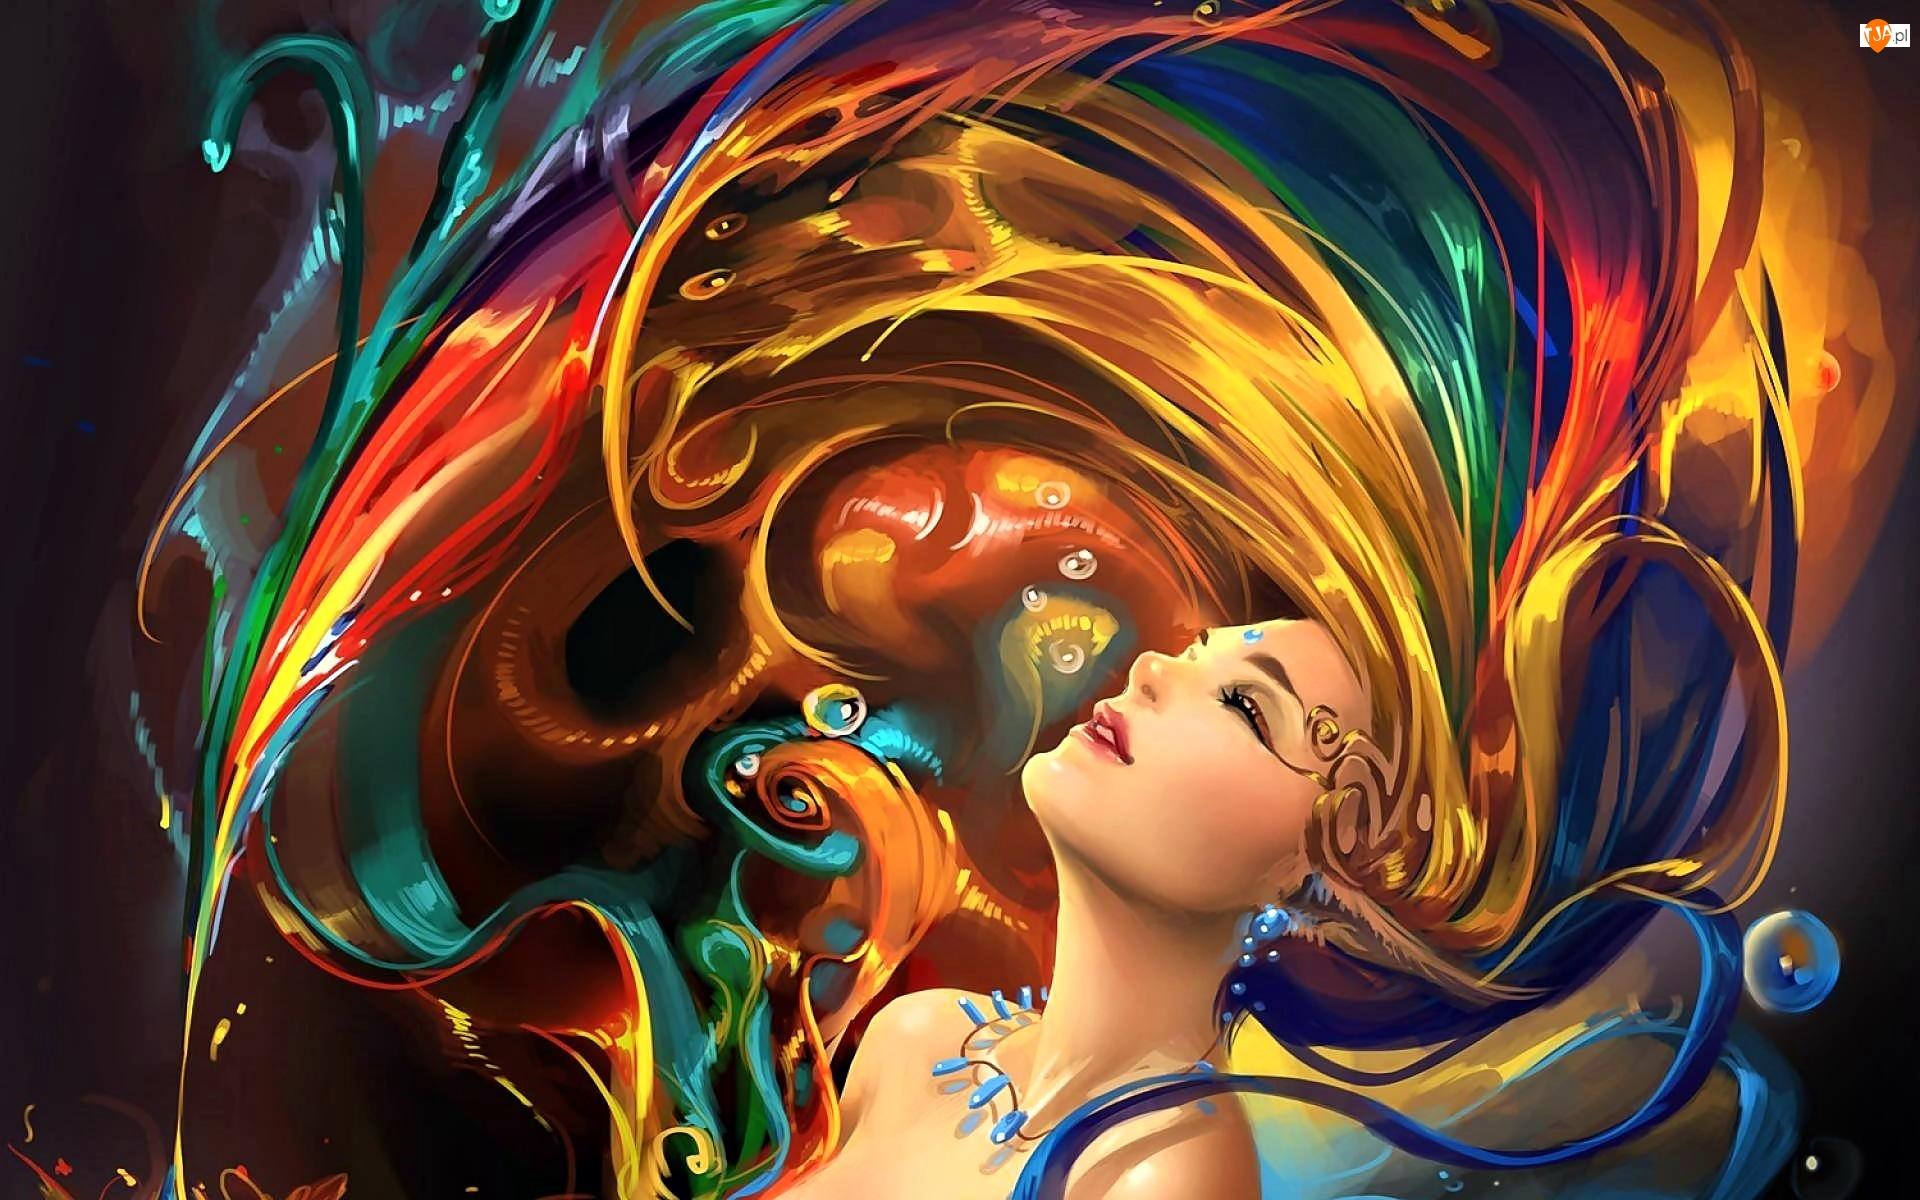 Fantasy, Kobieta, Tęcza